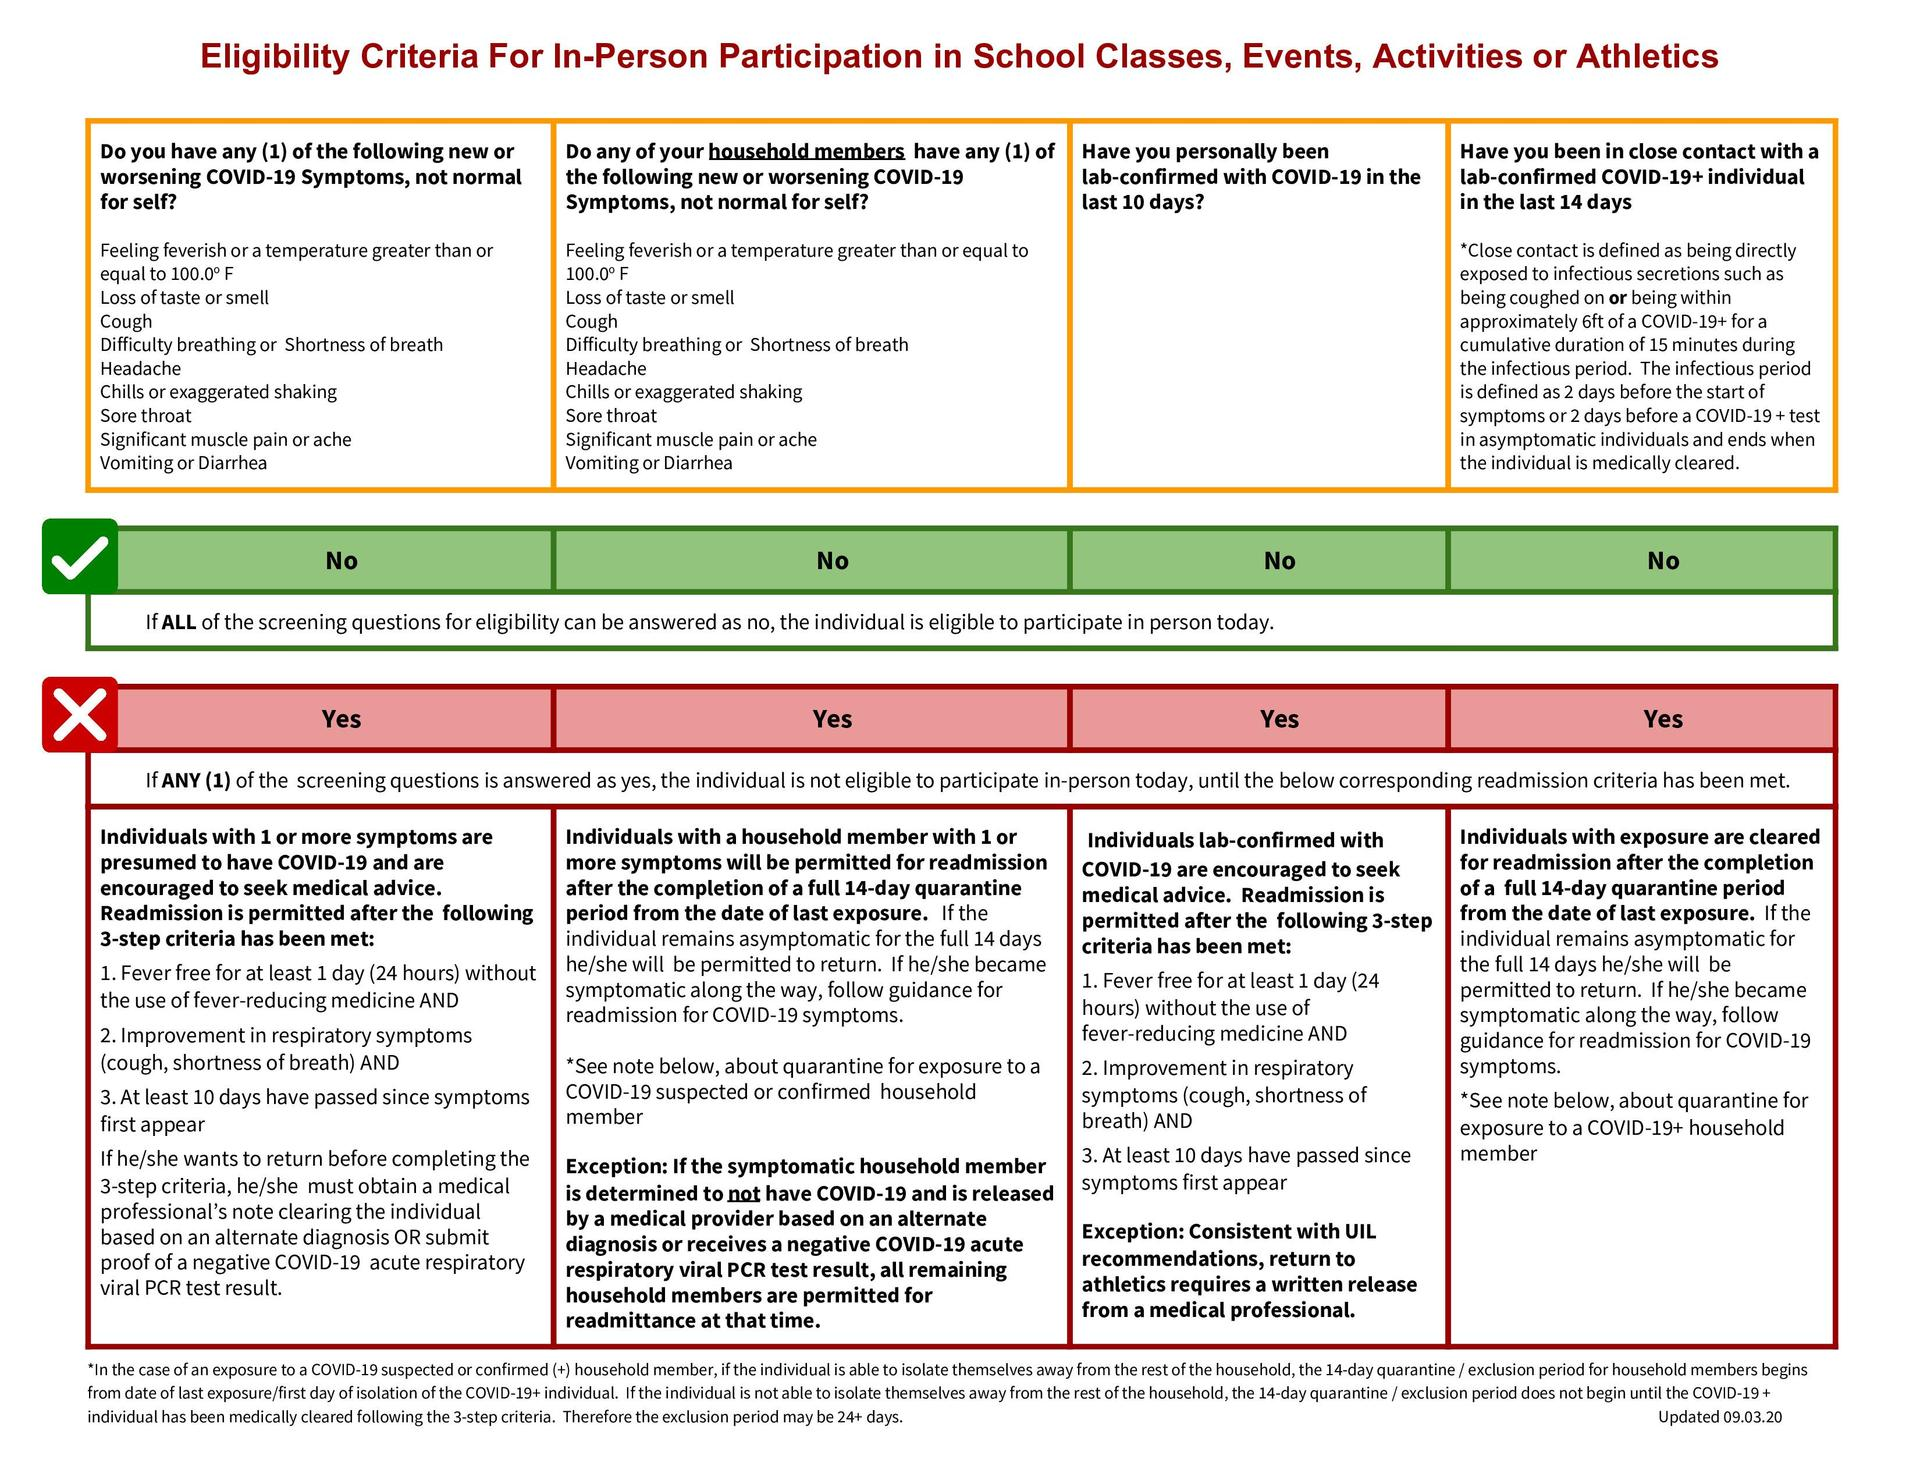 Eligibility Criteria for In-Person